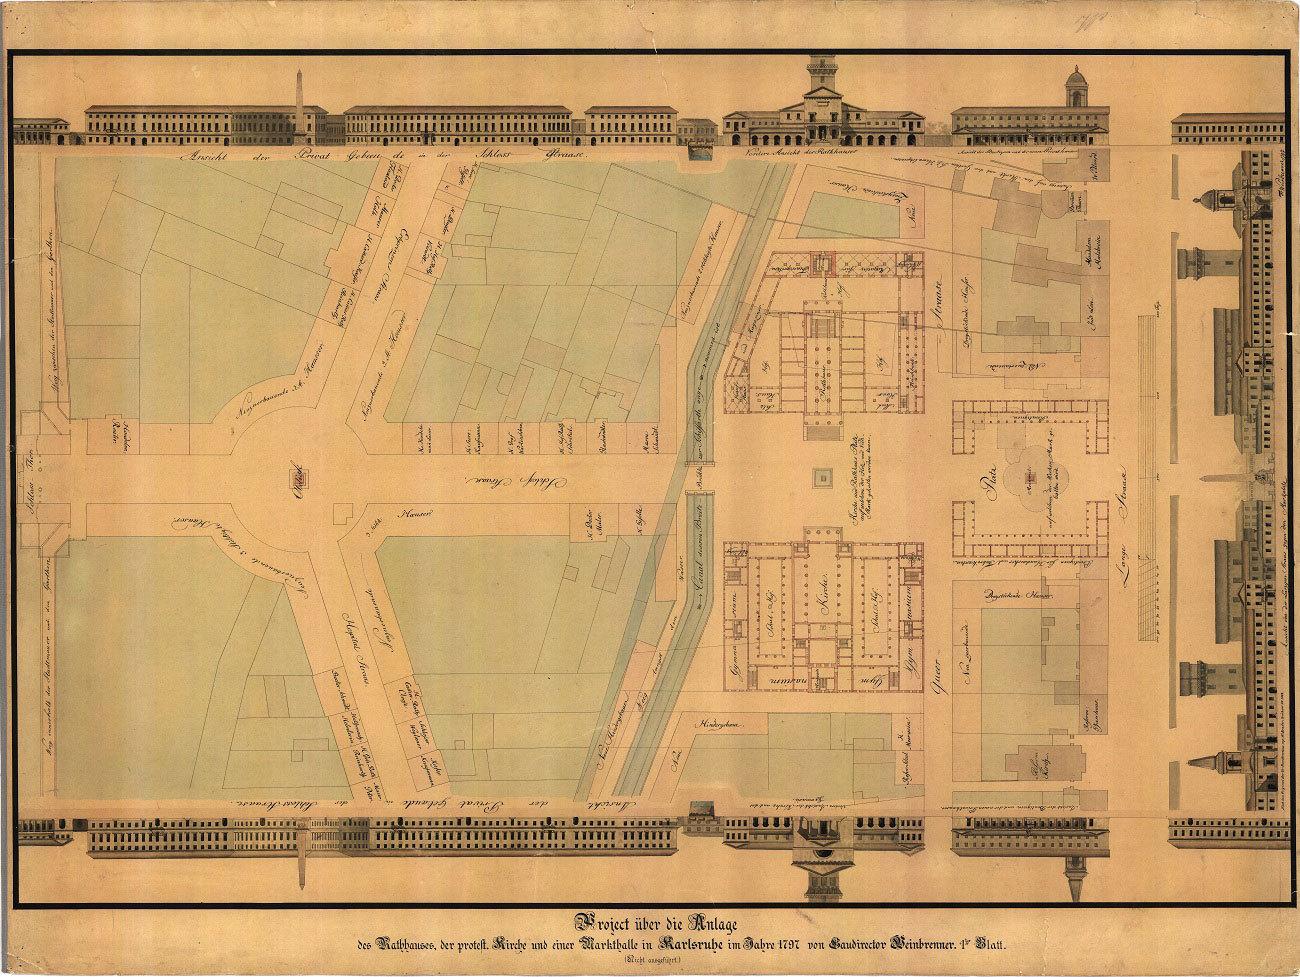 Stadtplan aus dem Jahr 1797